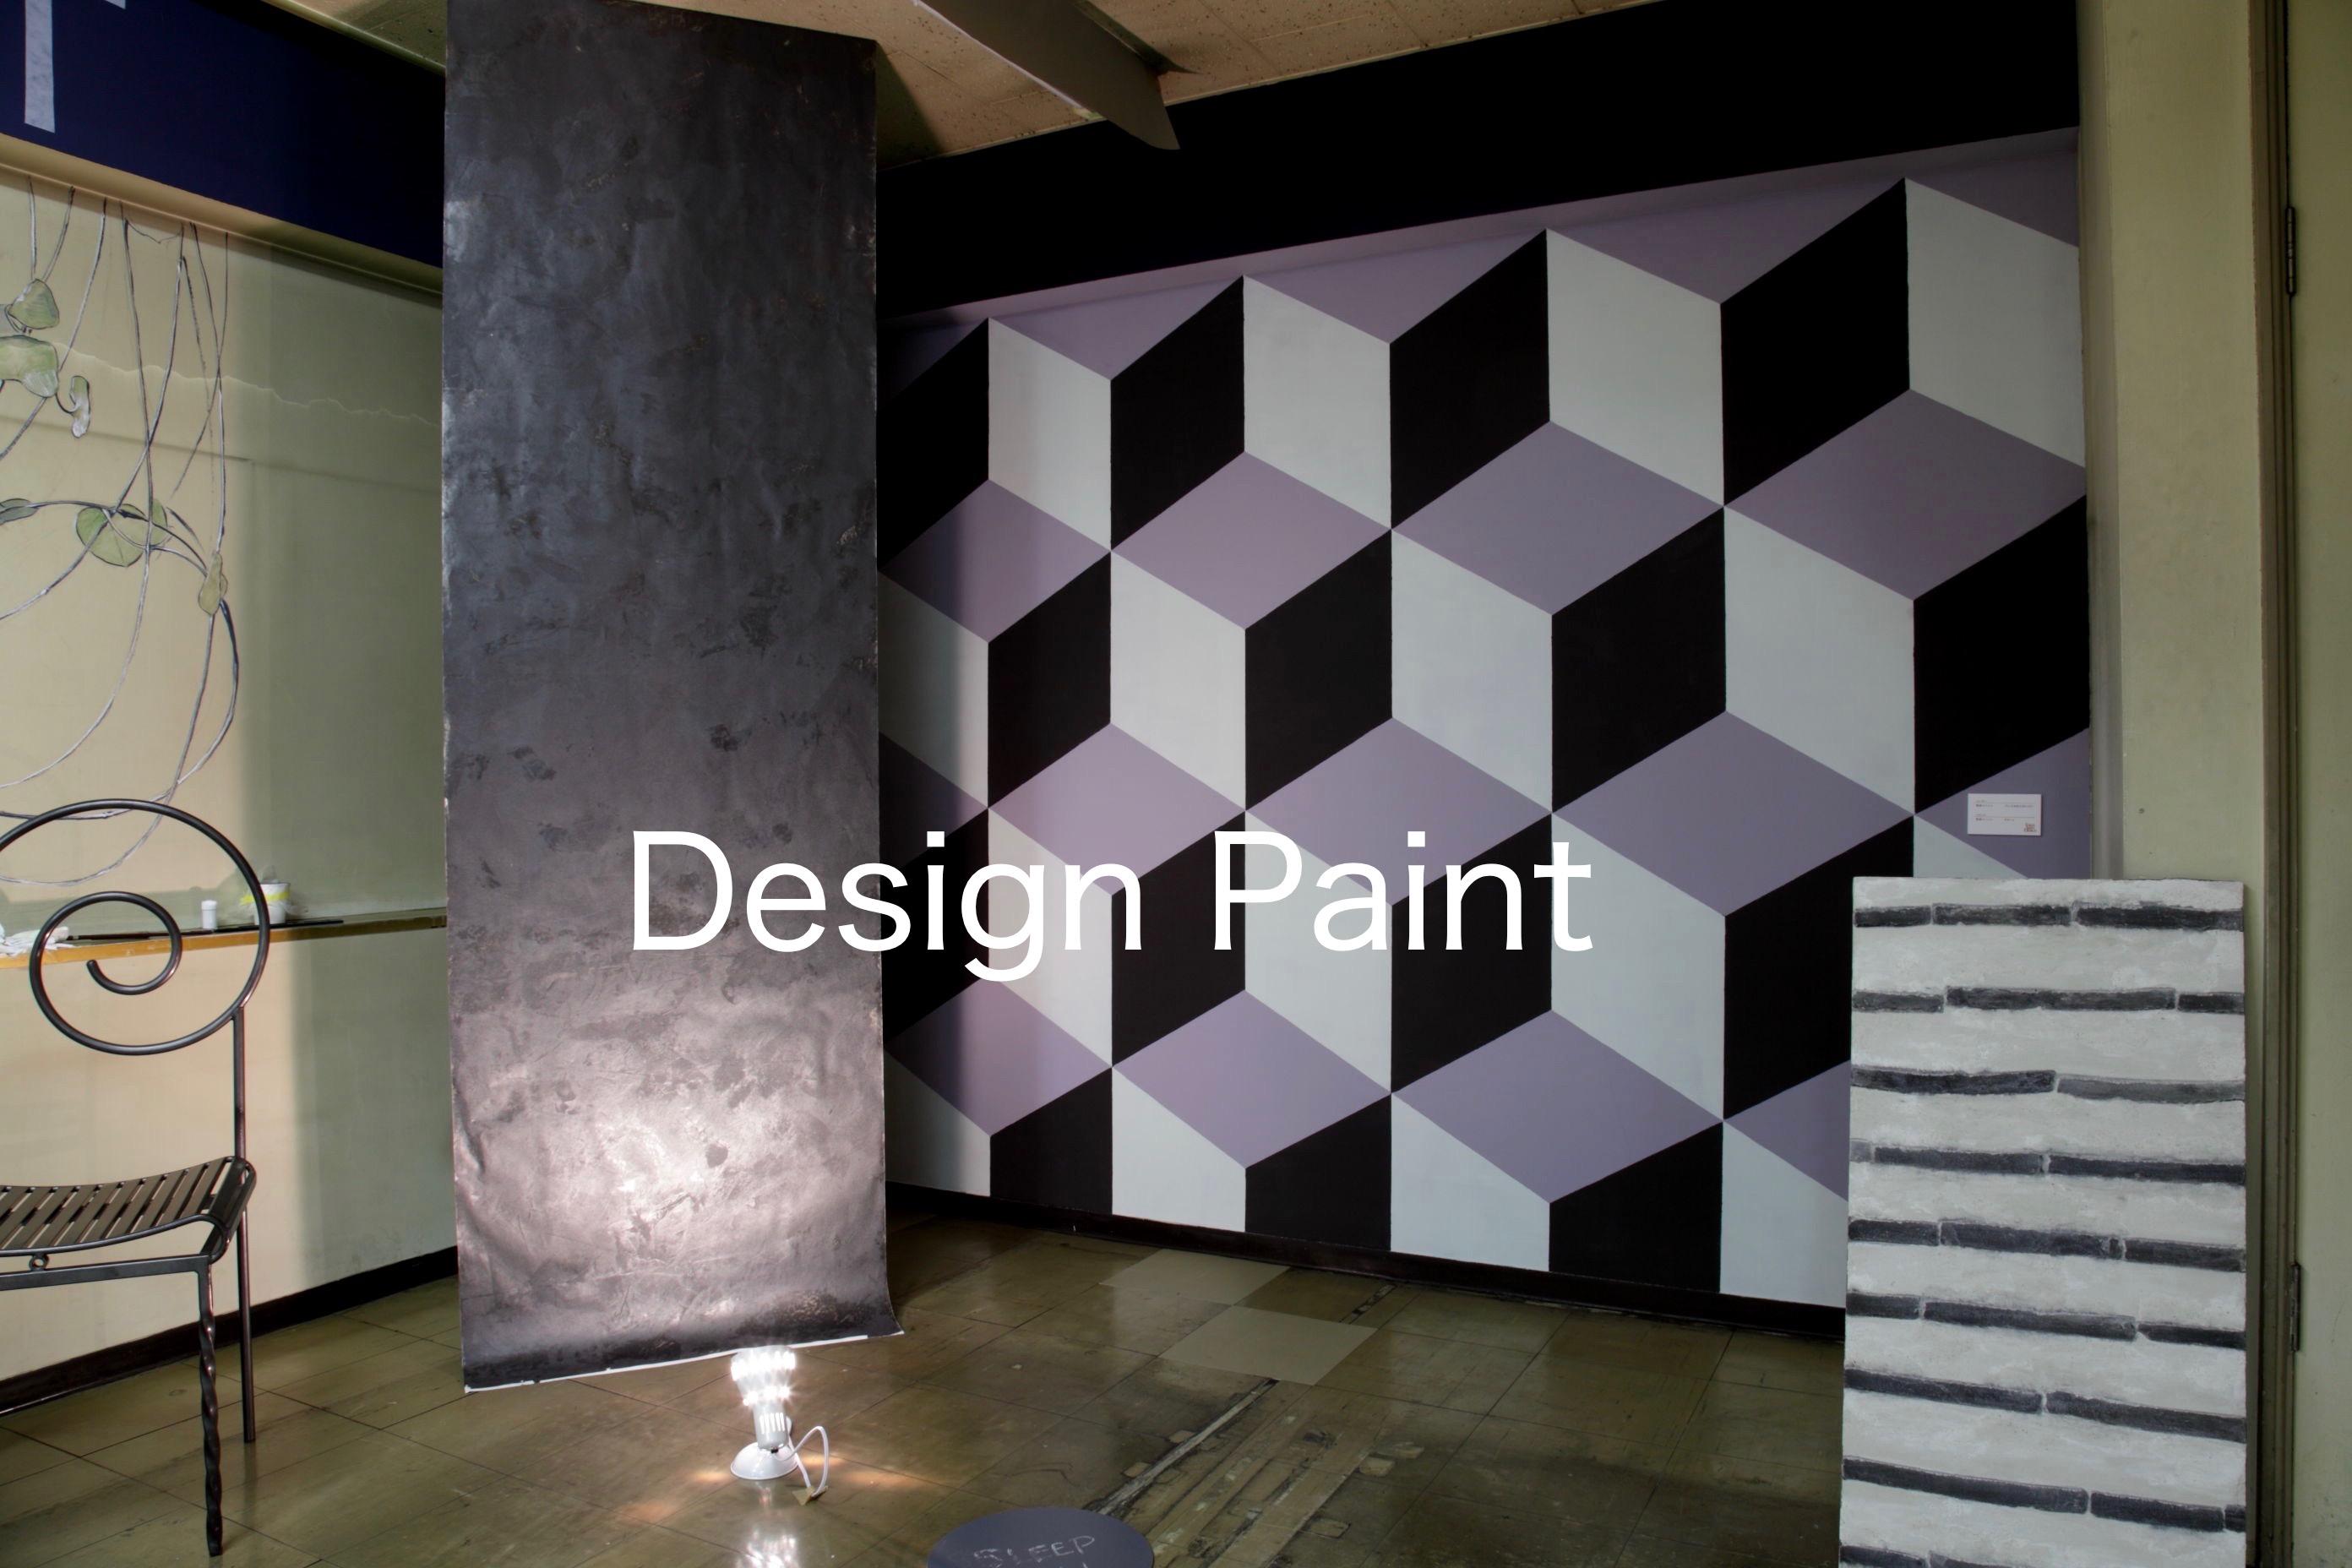 Design Paint